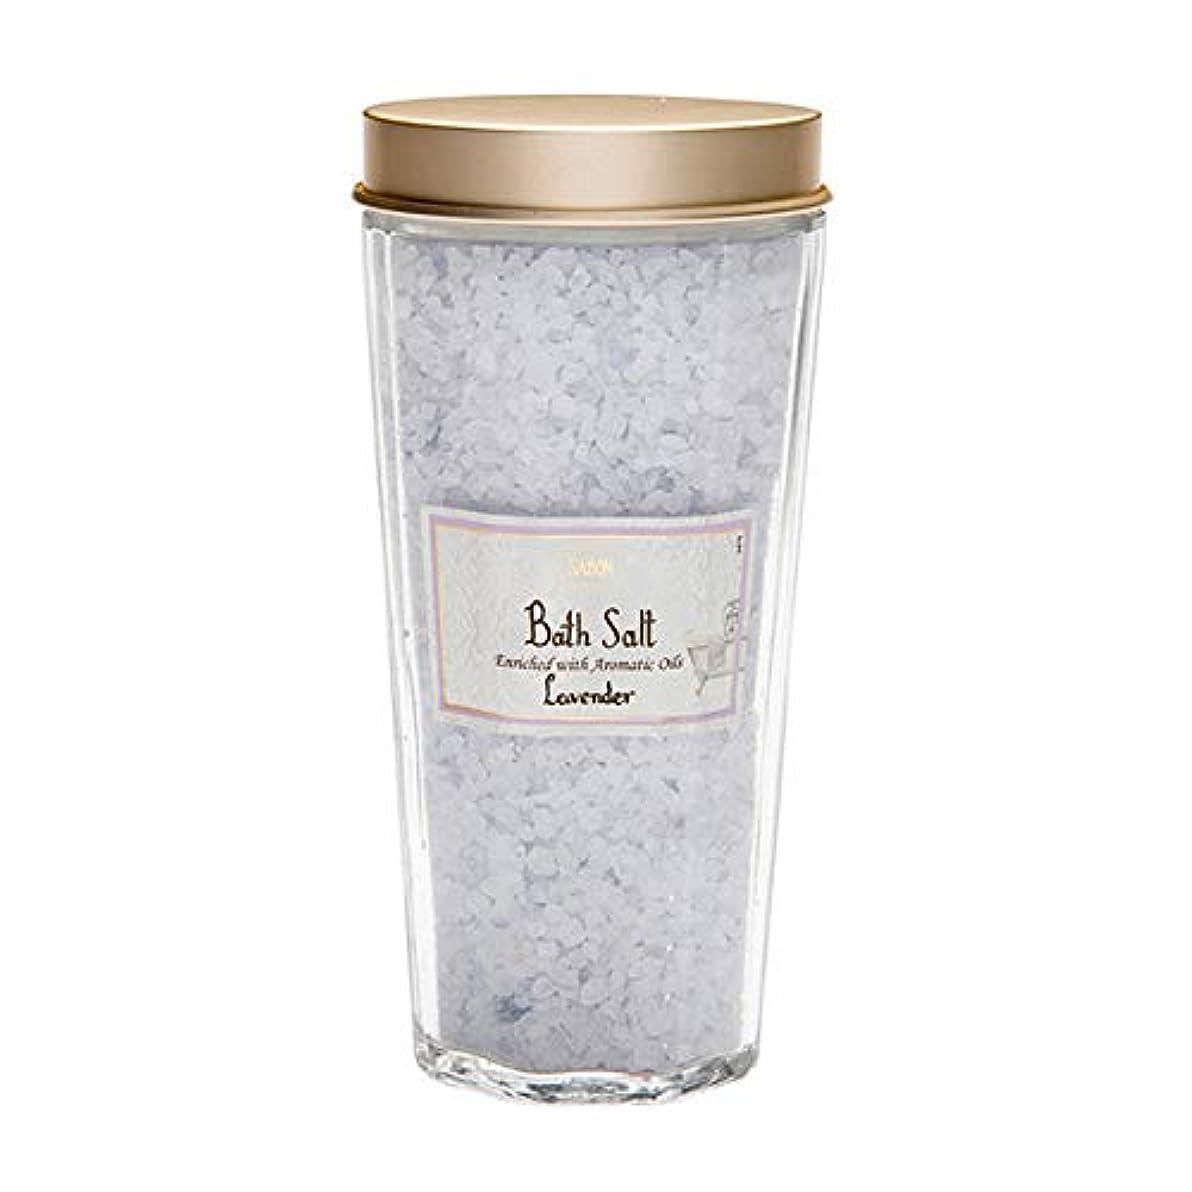 茎アンカーリブサボン SABON バスソルト ラベンダー (LAVENDER) 350g 入浴剤 お風呂 スキンケア ボディケア バスグッズ コスメ